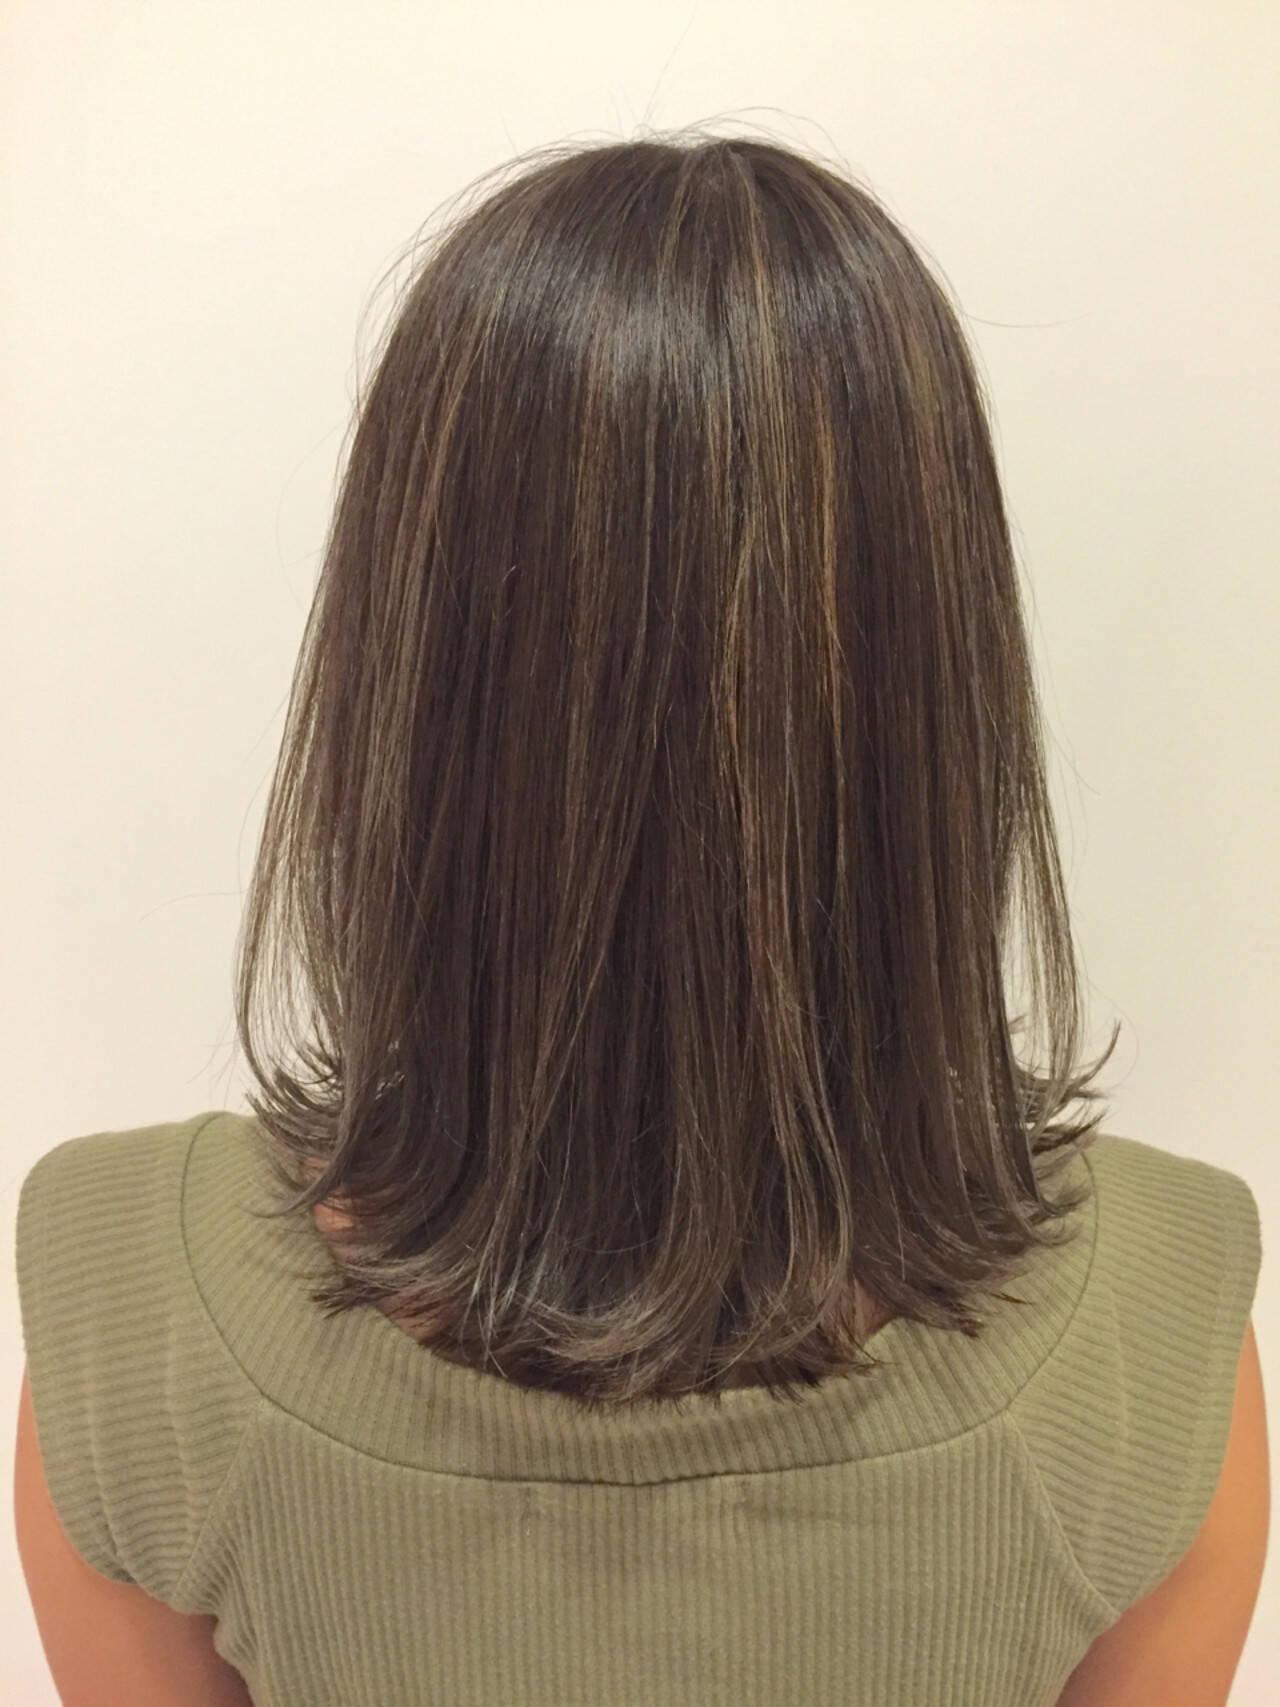 ハイライト ブルージュ ストリート グレージュヘアスタイルや髪型の写真・画像